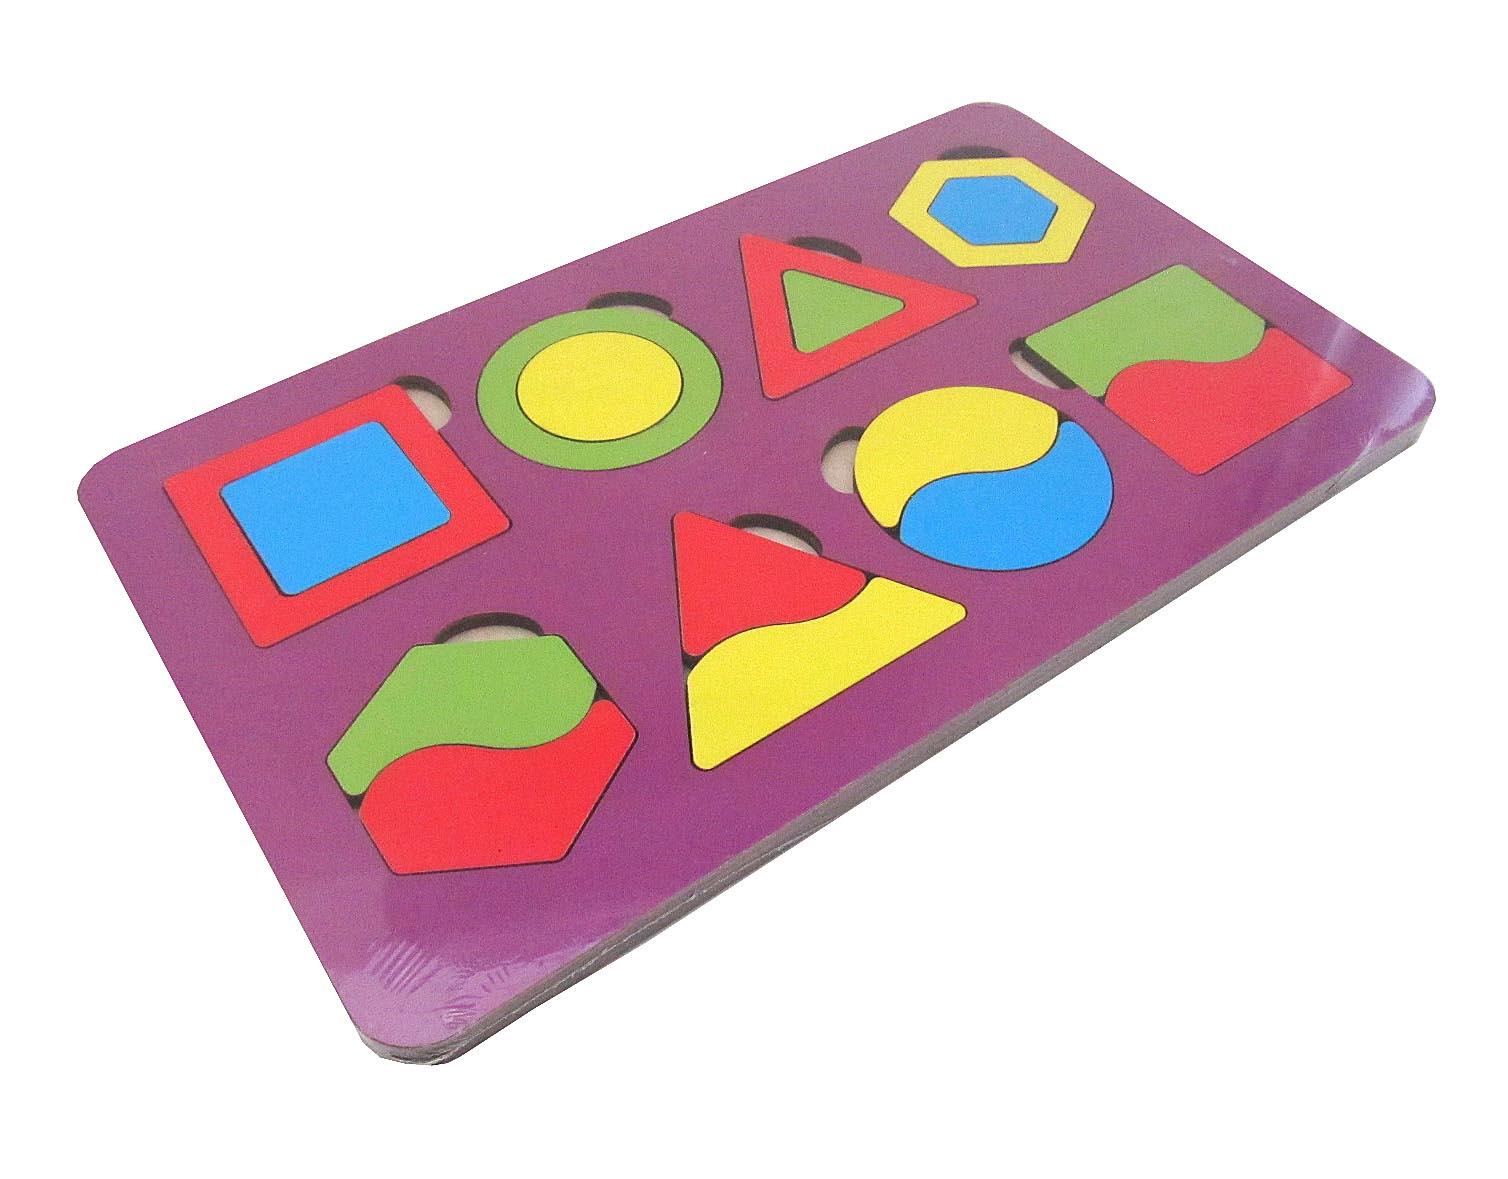 Игрушка детская:04068 Вкладыш 18 элементов (по системе раннего развития) цвет в асс-те